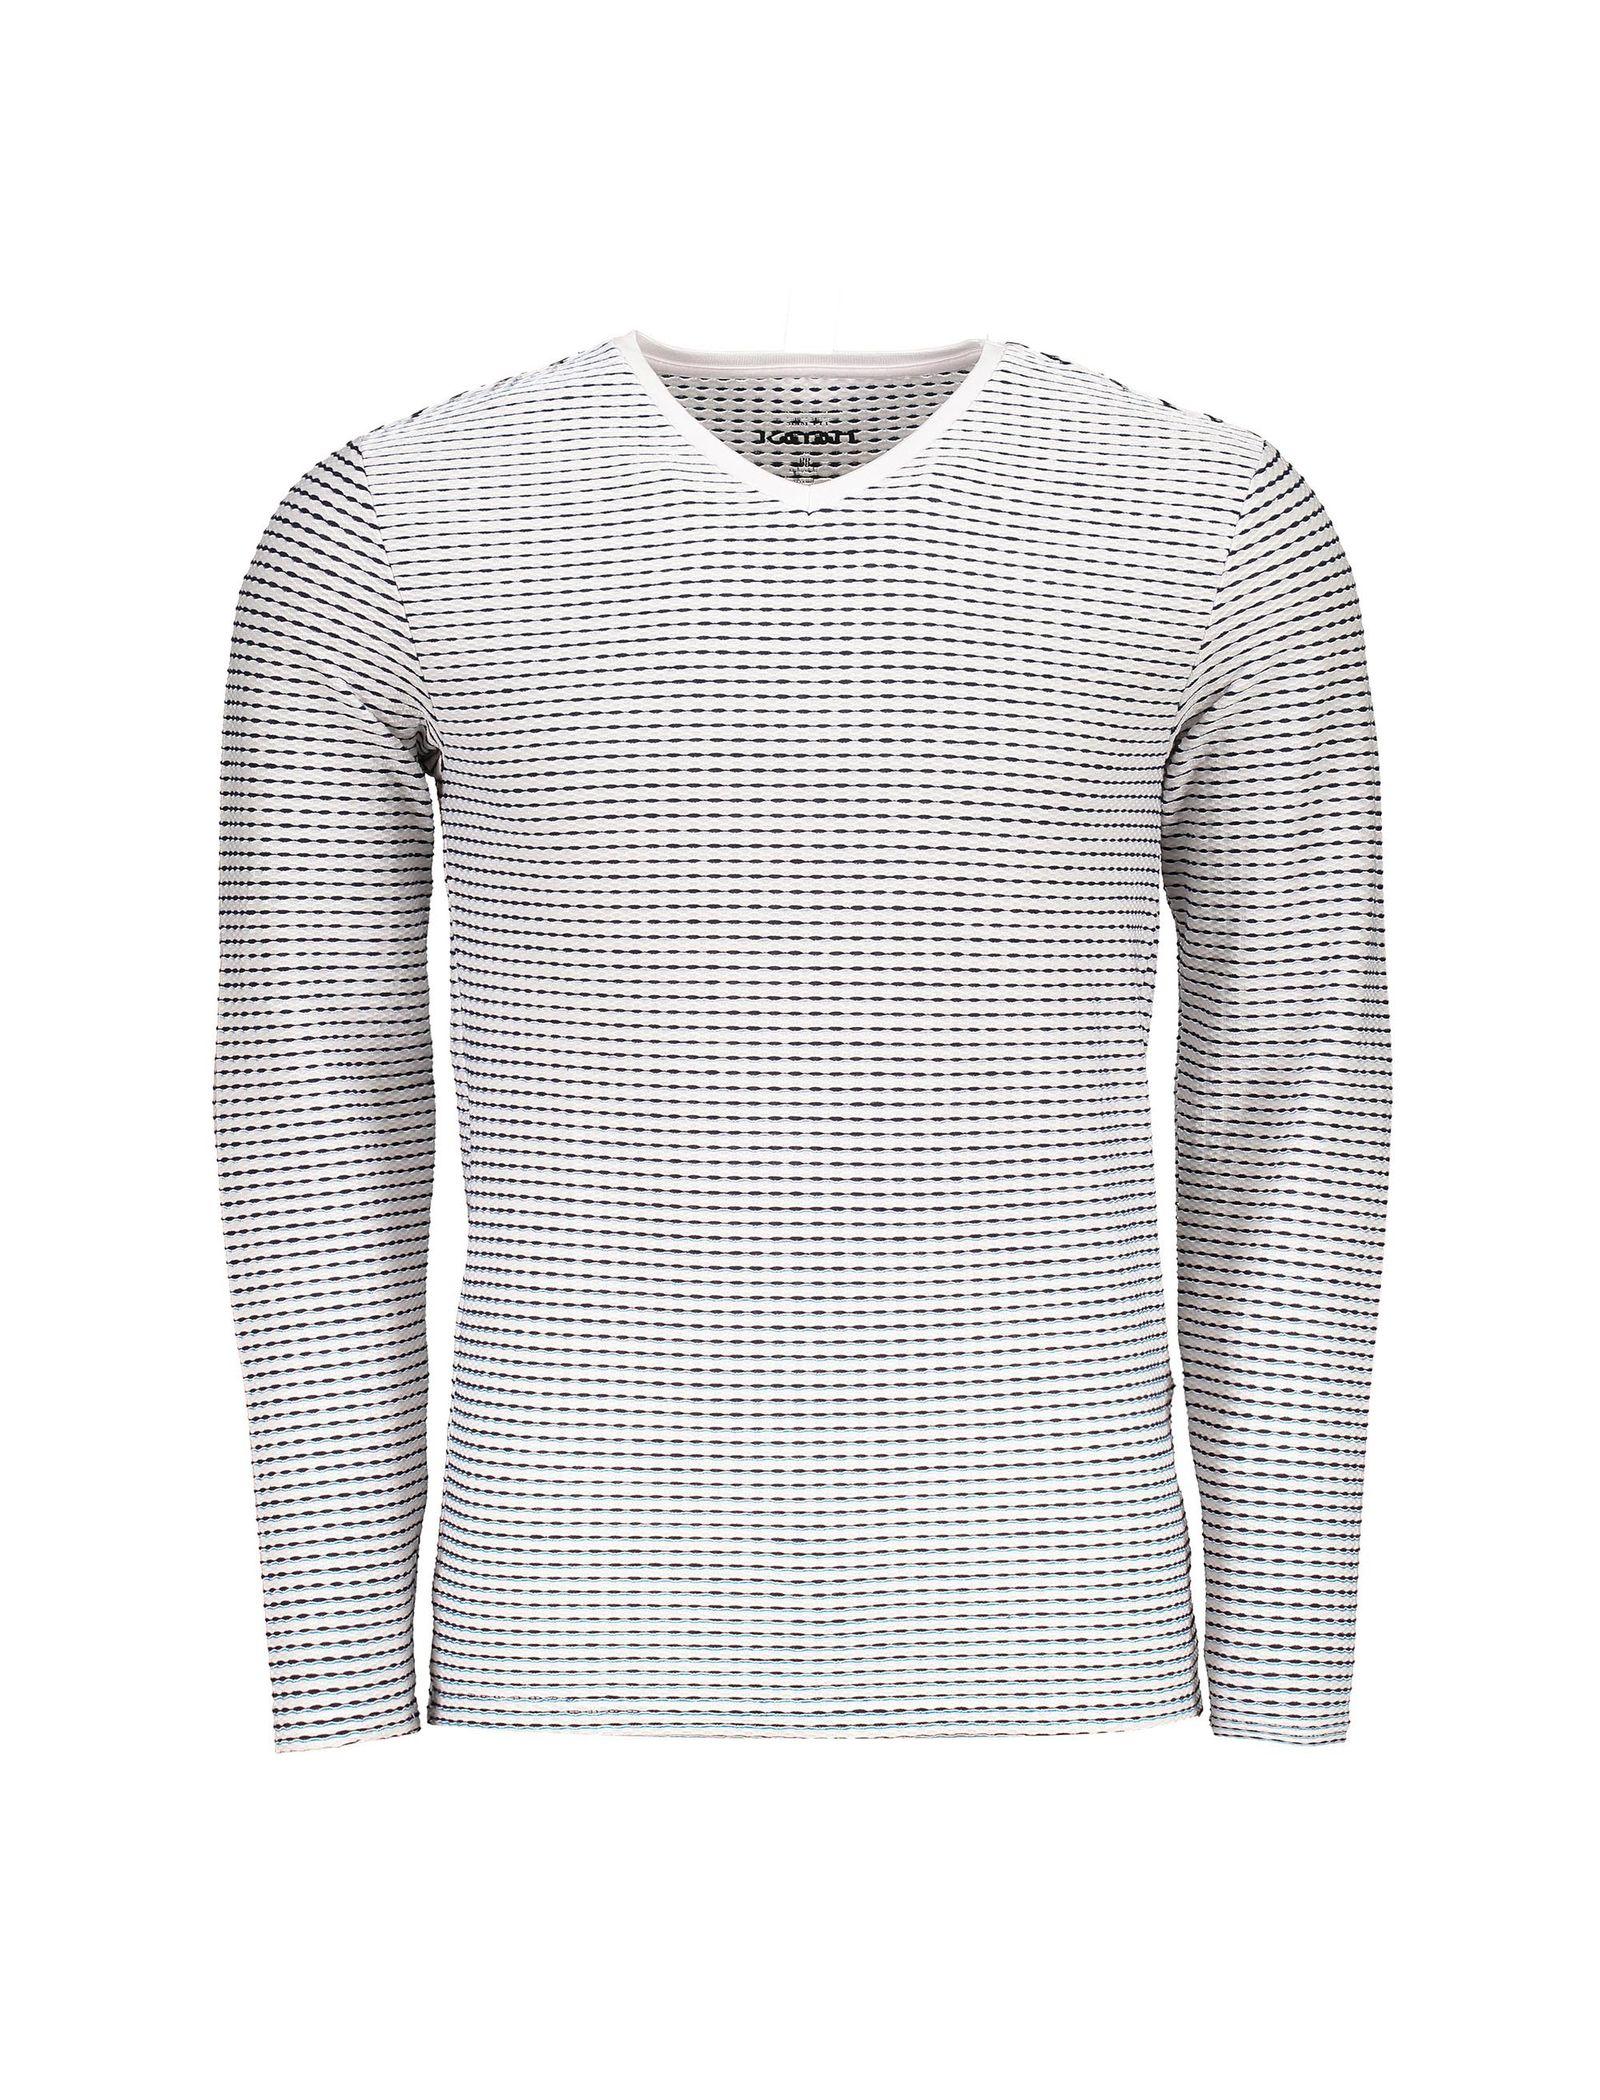 تی شرت یقه هفت مردانه - کوتون - سفيد و سرمه اي - 1